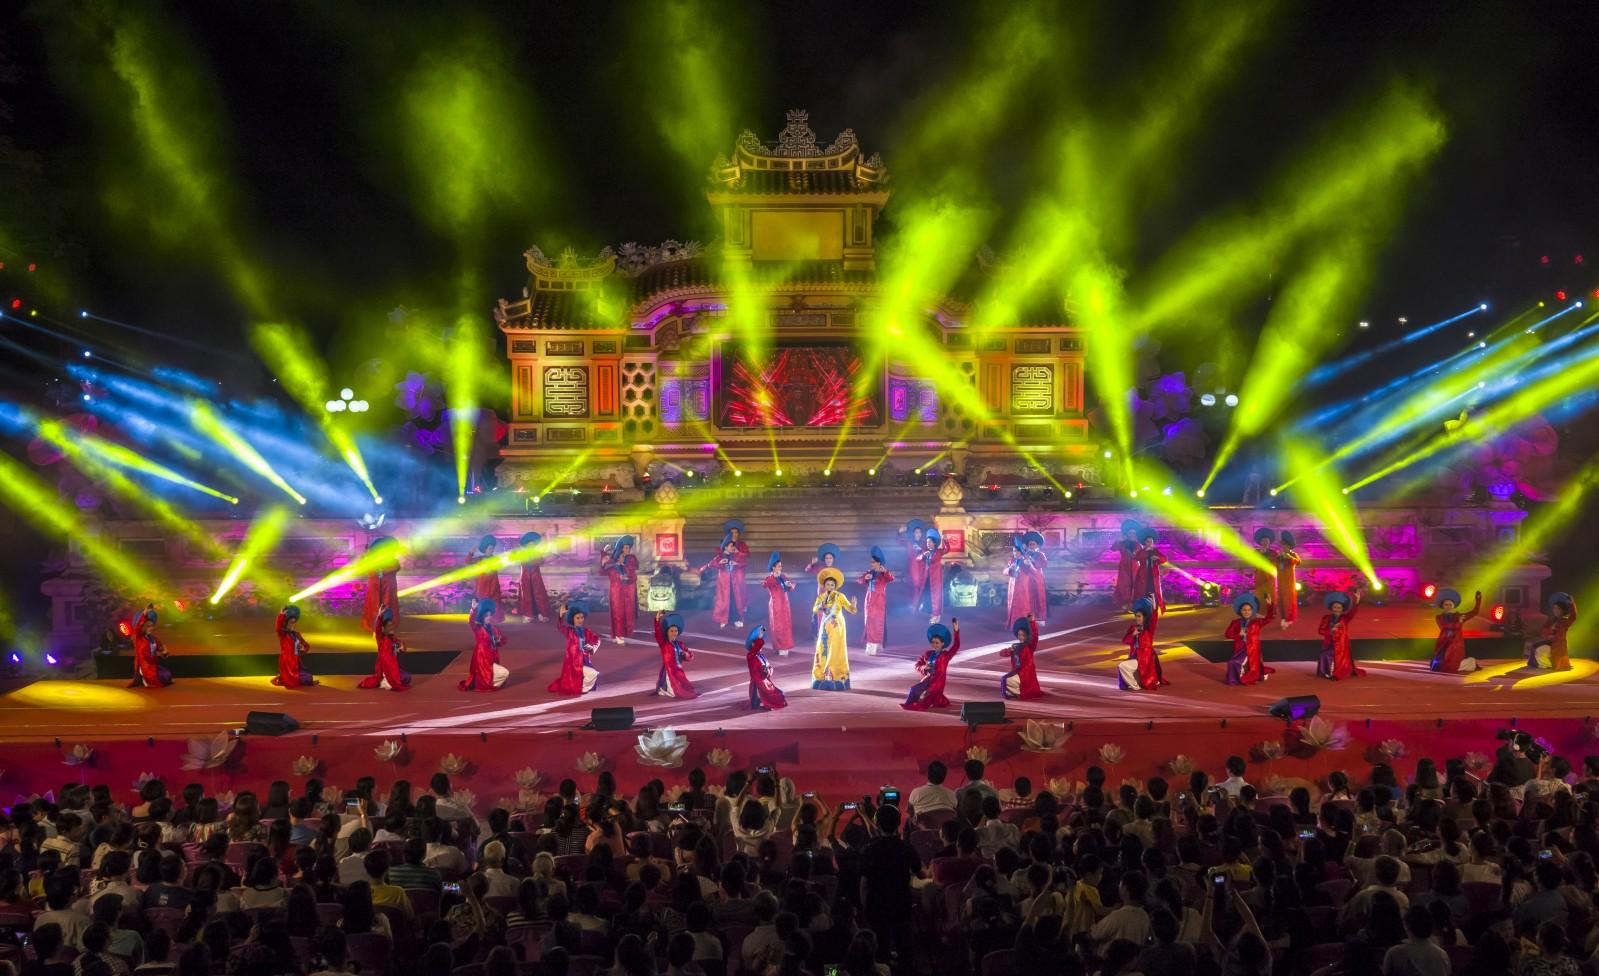 Festival 2 năm một lần là sự kiện nổi bật của thành phố Huế